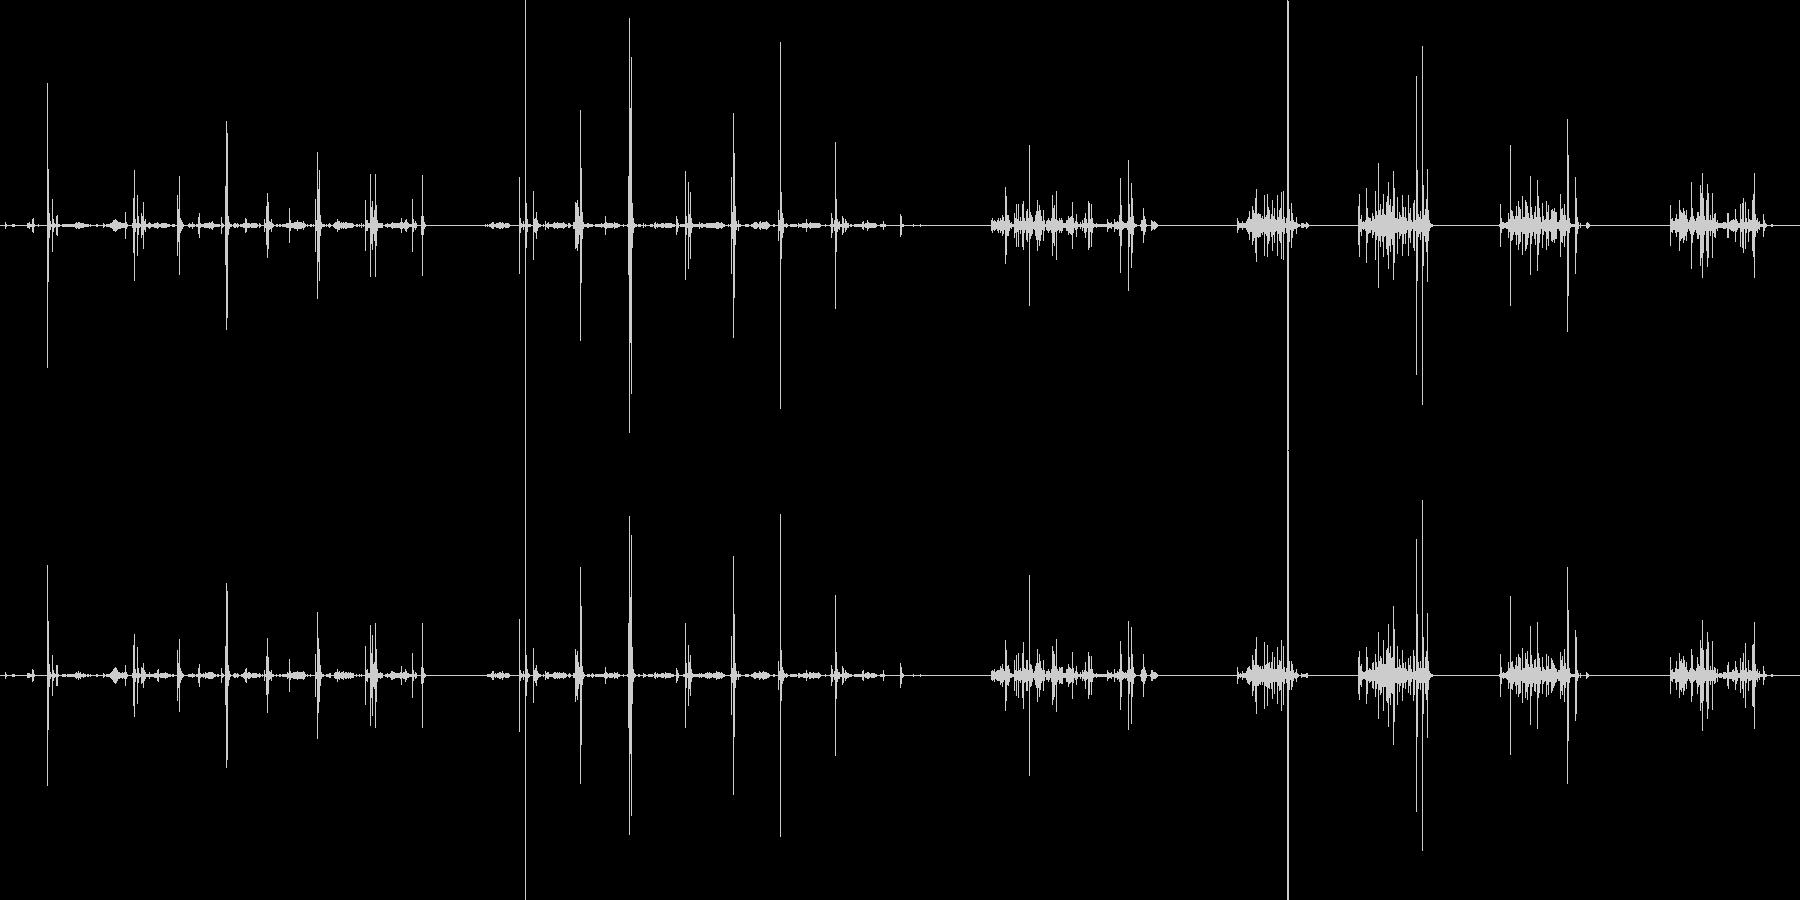 バキュームクリーナー、スモール、コ...の未再生の波形